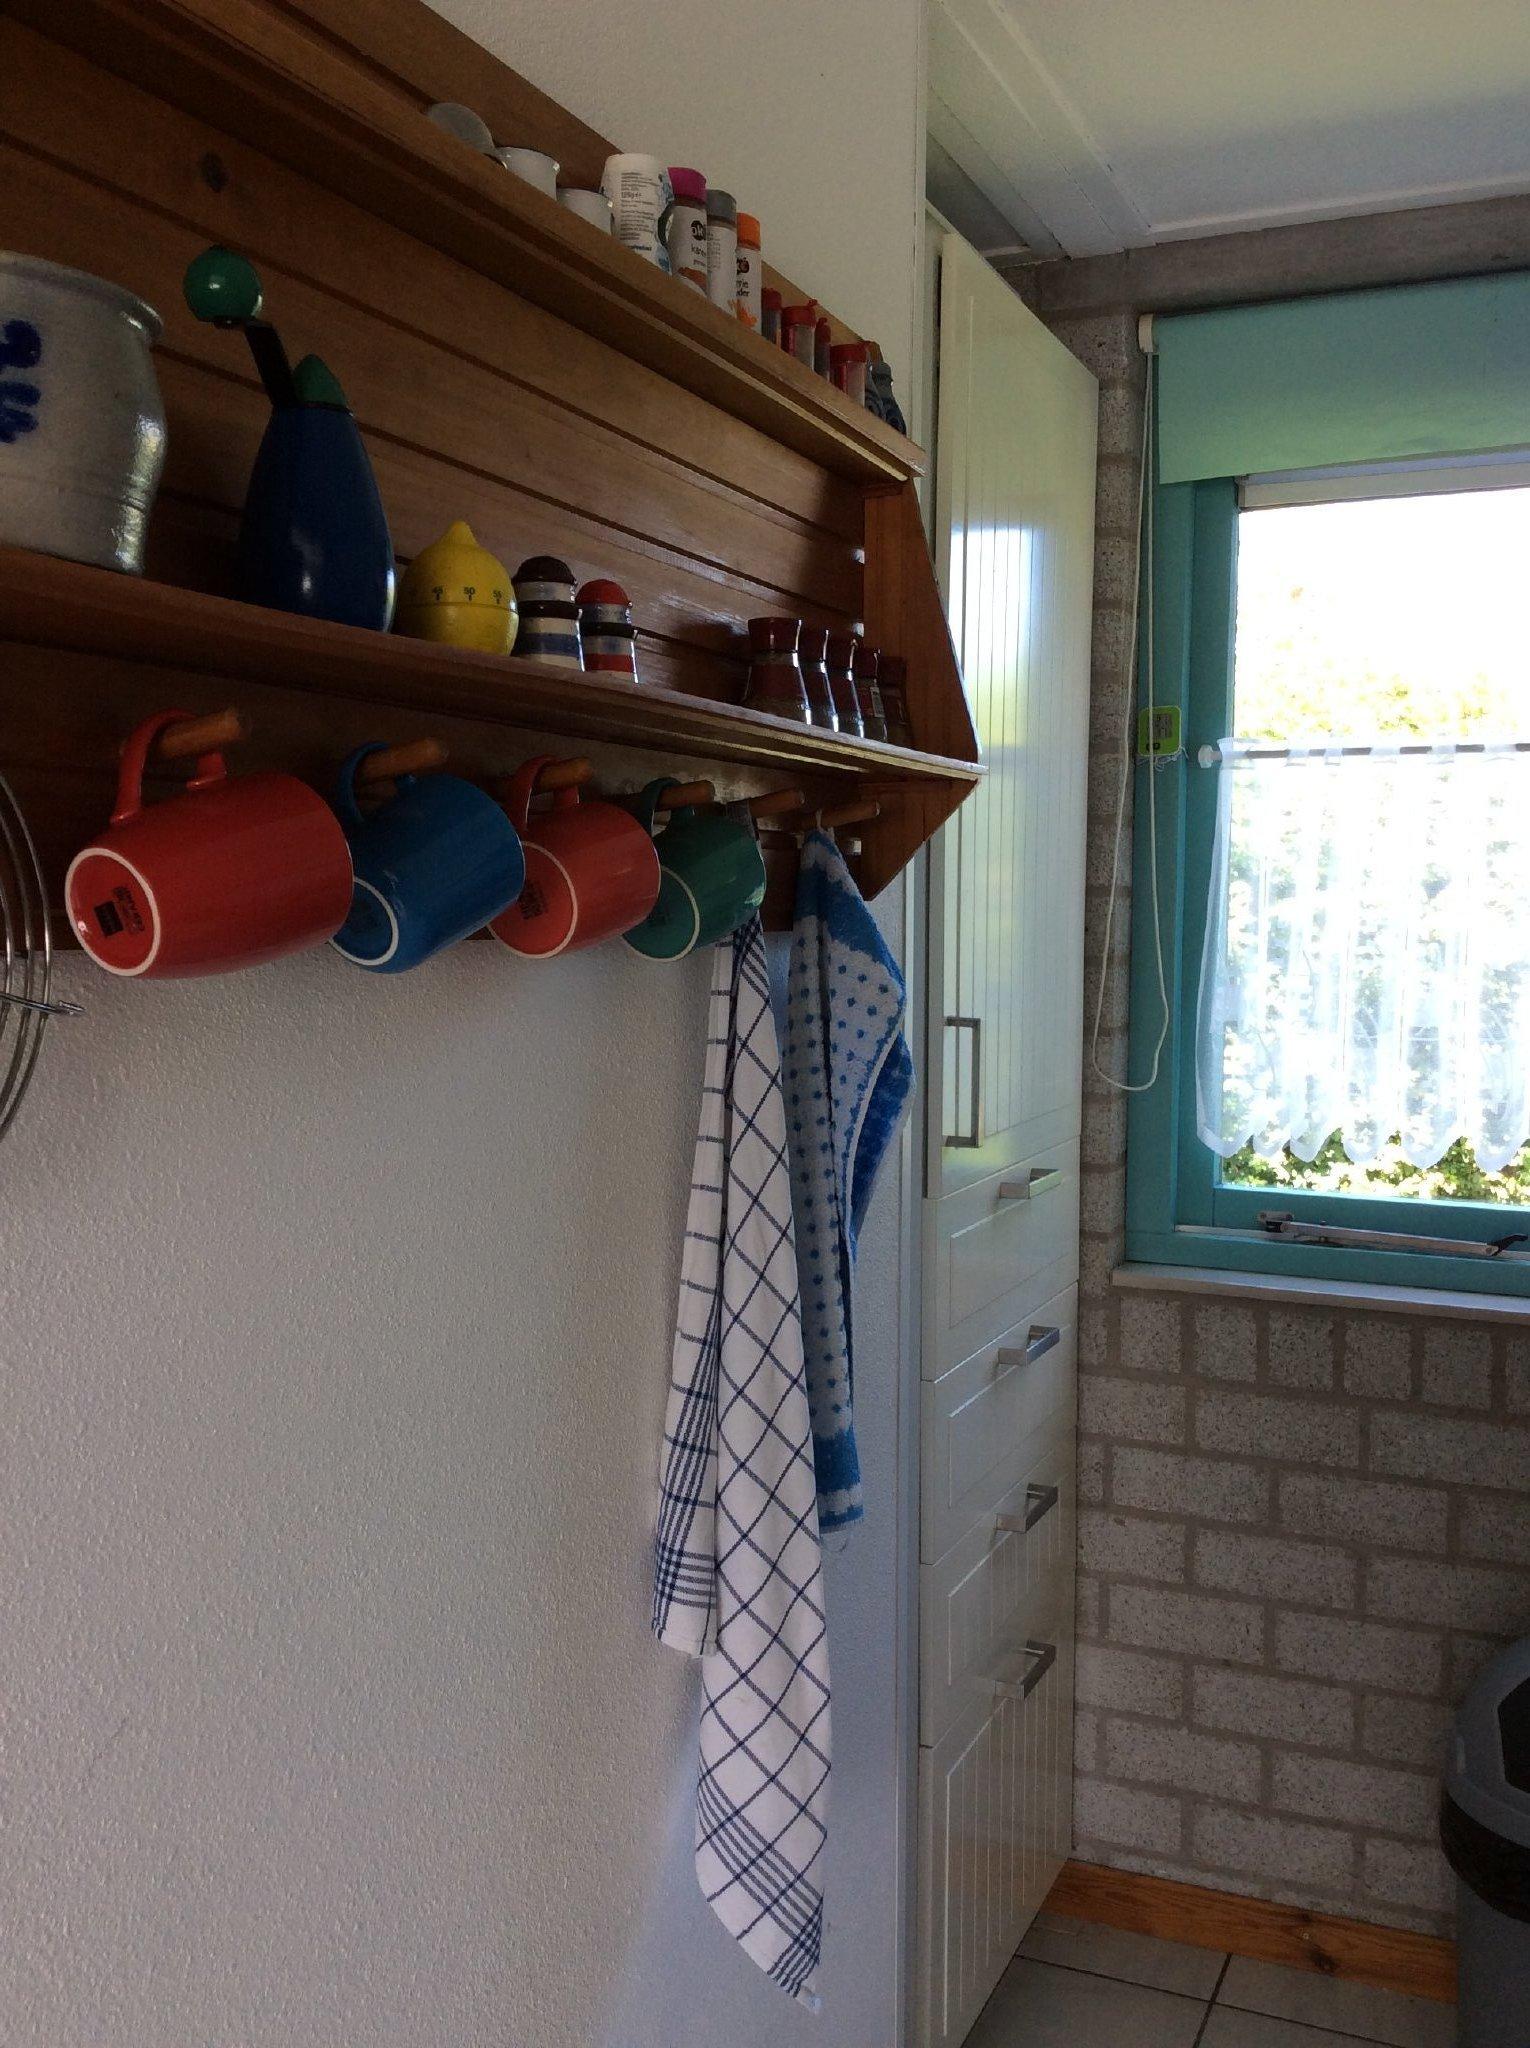 hochstehender Kühlschrank